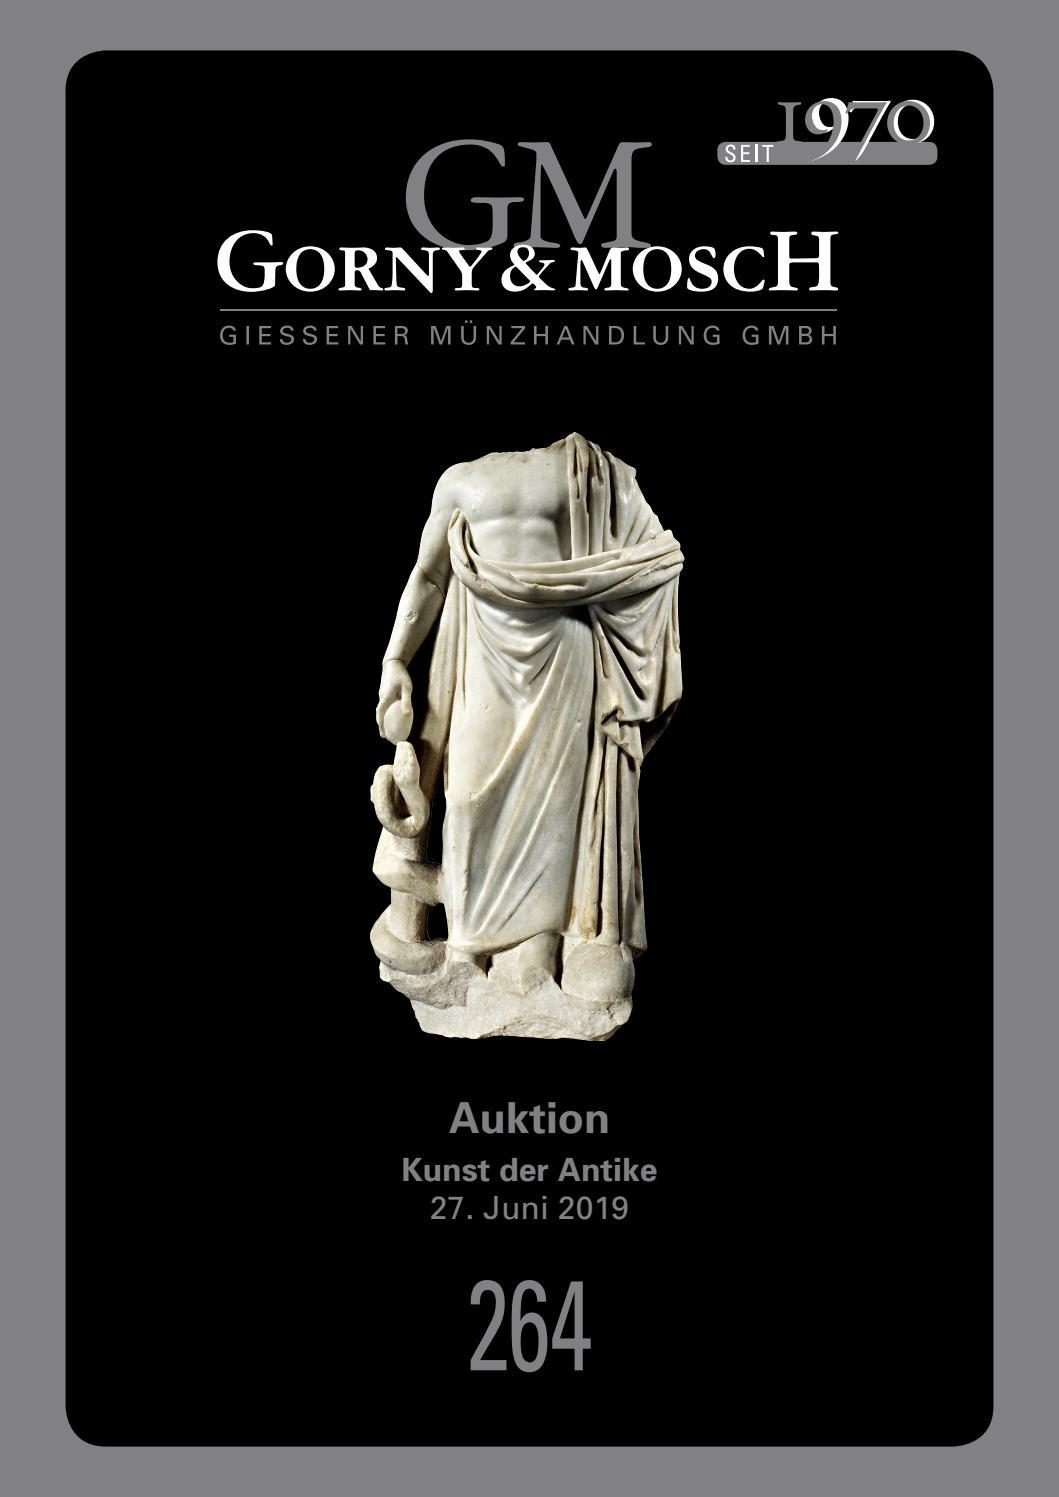 """Alte Holzbretter Dekorieren Inspirierend Gorny & Mosch Auktionskatalog 264 """"kunst Der Antike"""" by"""